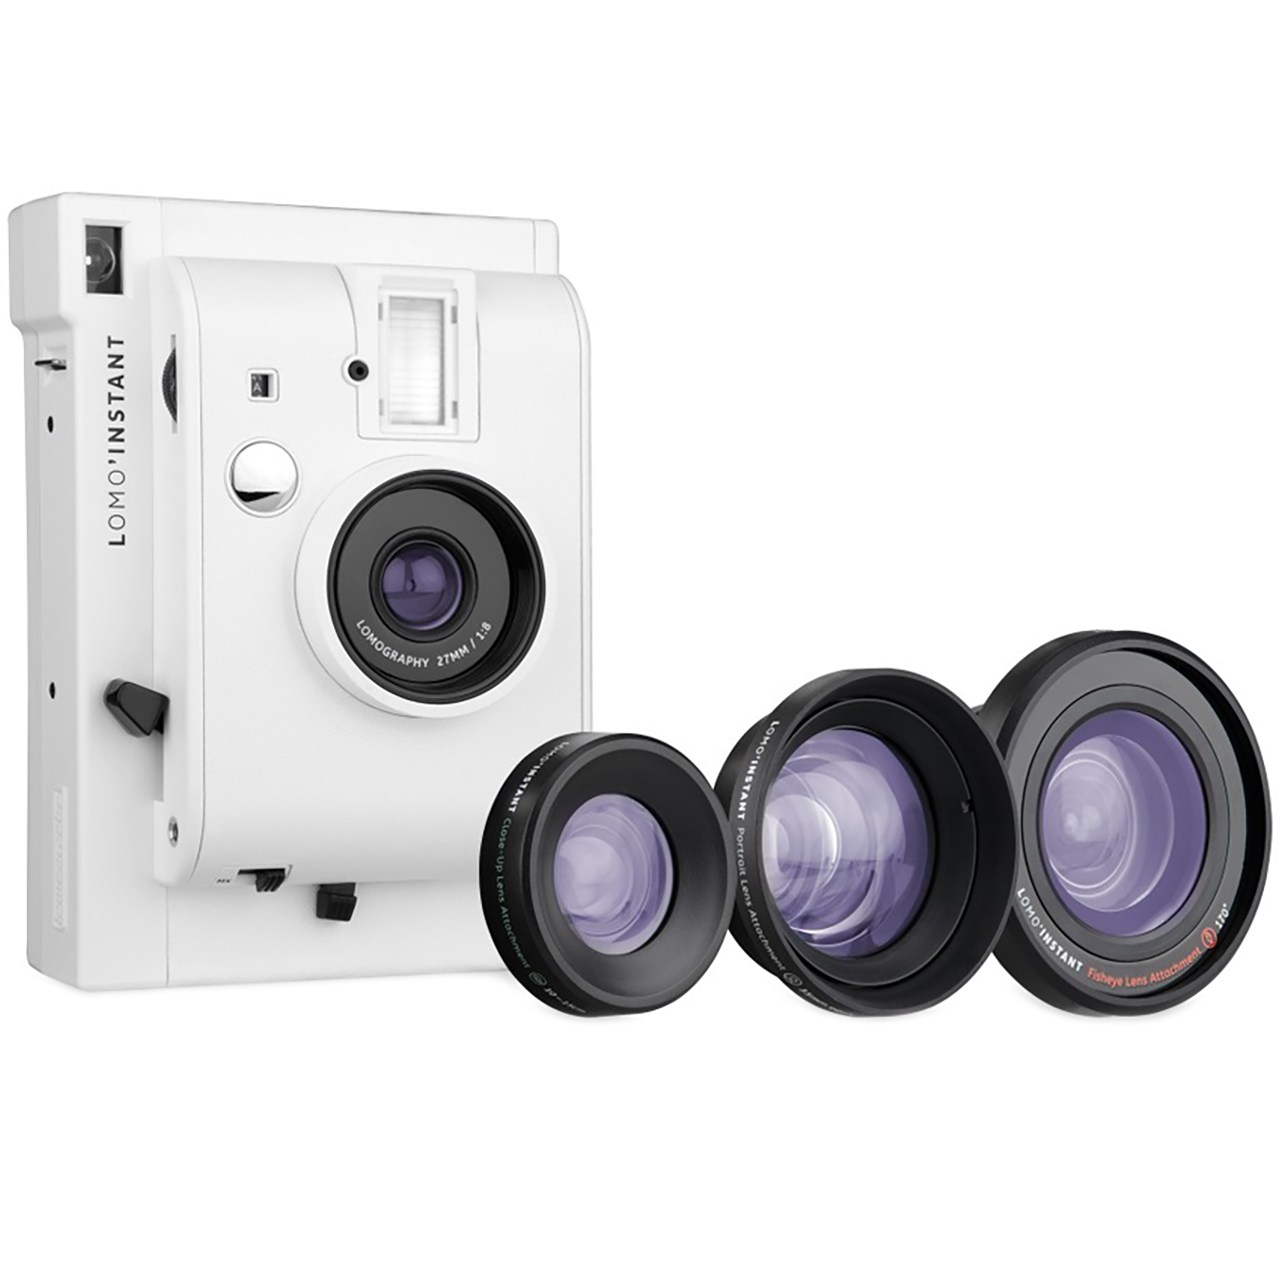 دوربین چاپ سریع لوموگرافی مدل White به همراه سه لنز